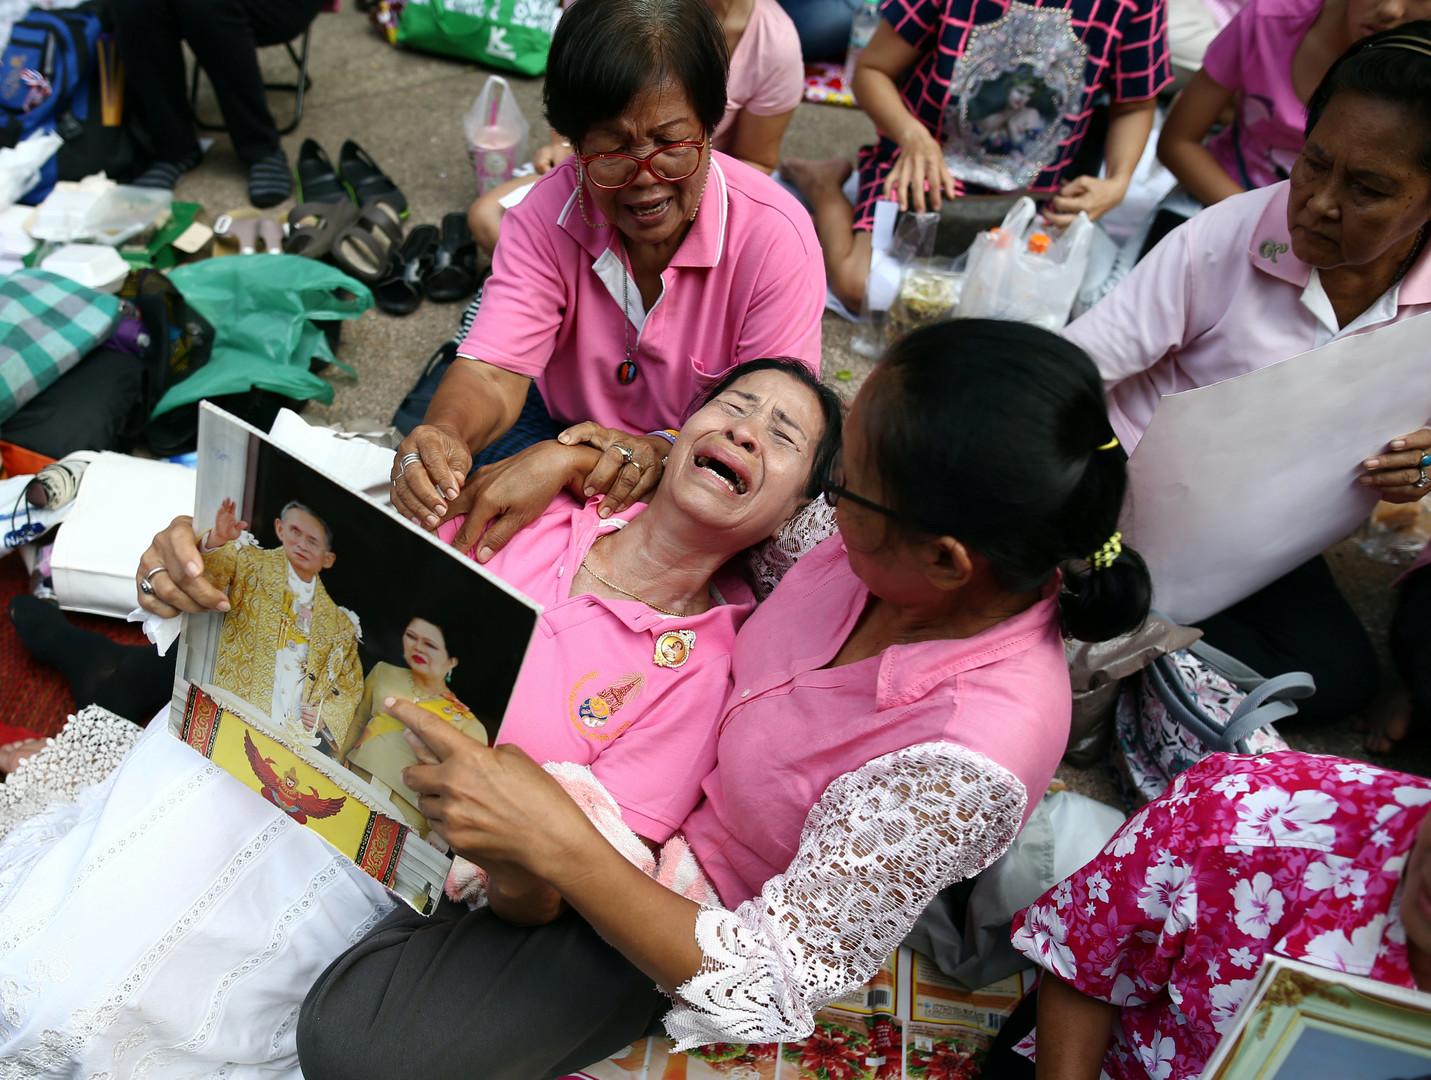 Тайцы плачут, молясь за здоровье короля Пхумипона Адульядета у больницы Сирират в Бангкоке, где он находился в последние дни жизни.